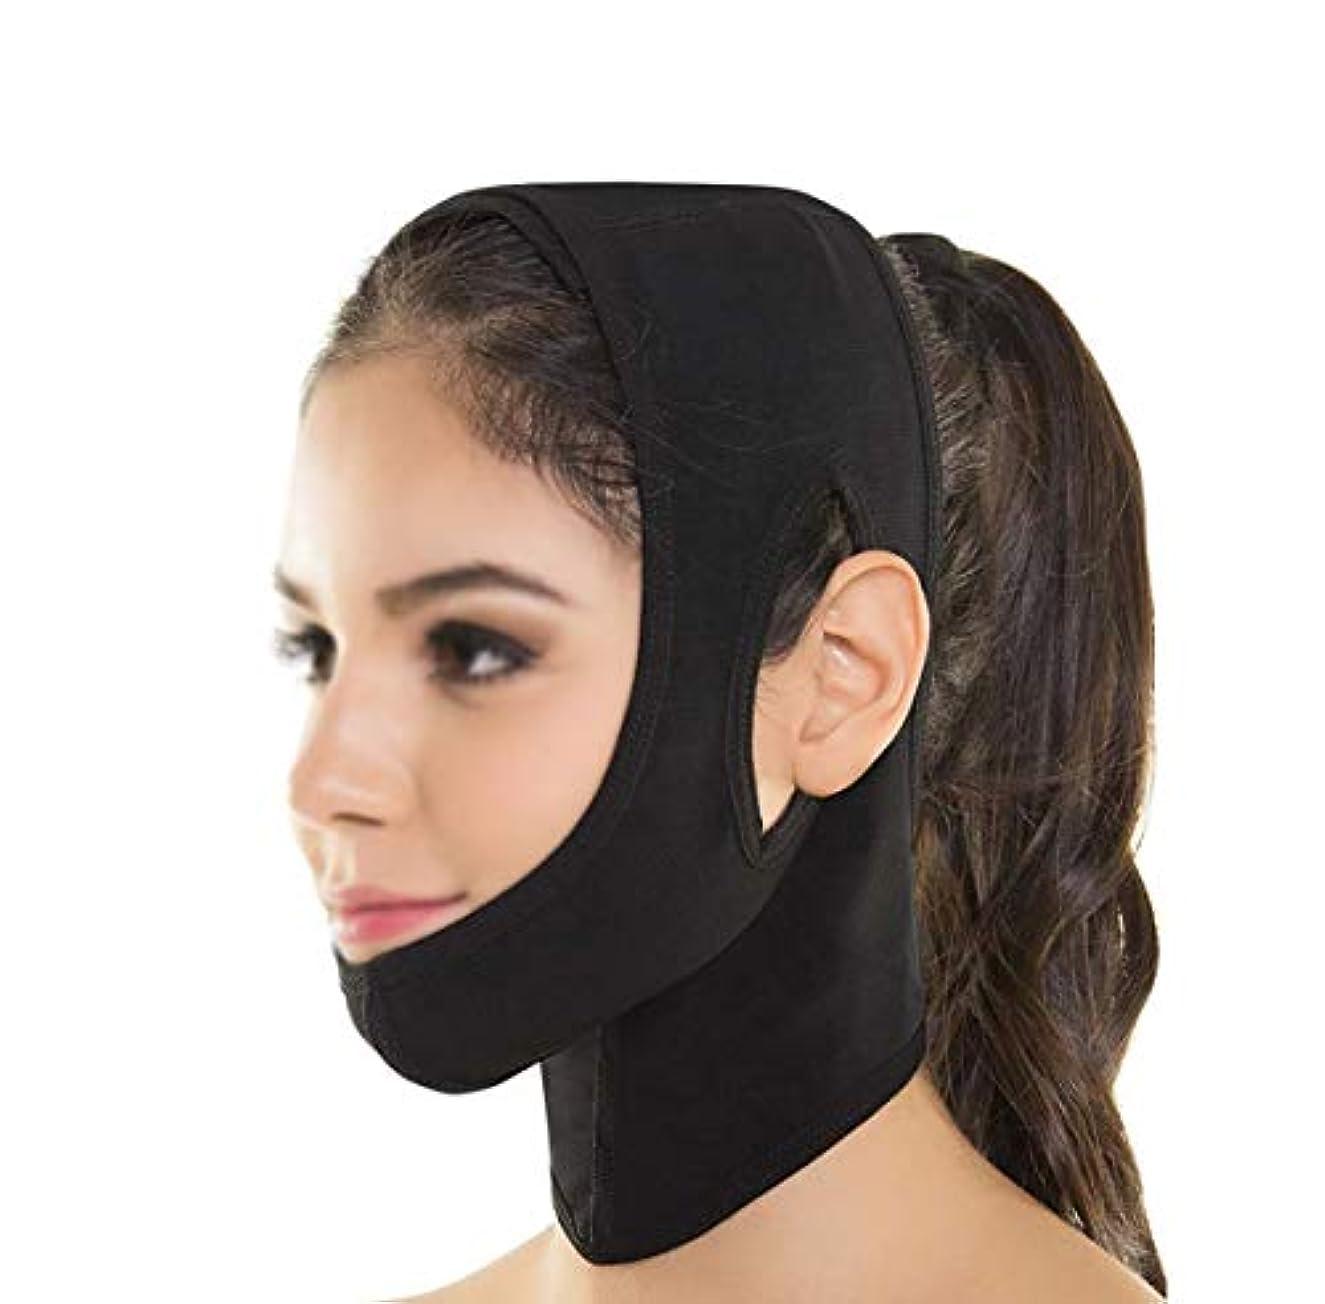 砂会員比較的GLJJQMY フェイシャルリフティングマスクシリコンVマスクリフティングマスクシンフェイスアーティファクトリフティングダブルチン術後包帯フェイシャル&ネックリフティング 顔用整形マスク (Color : Black)